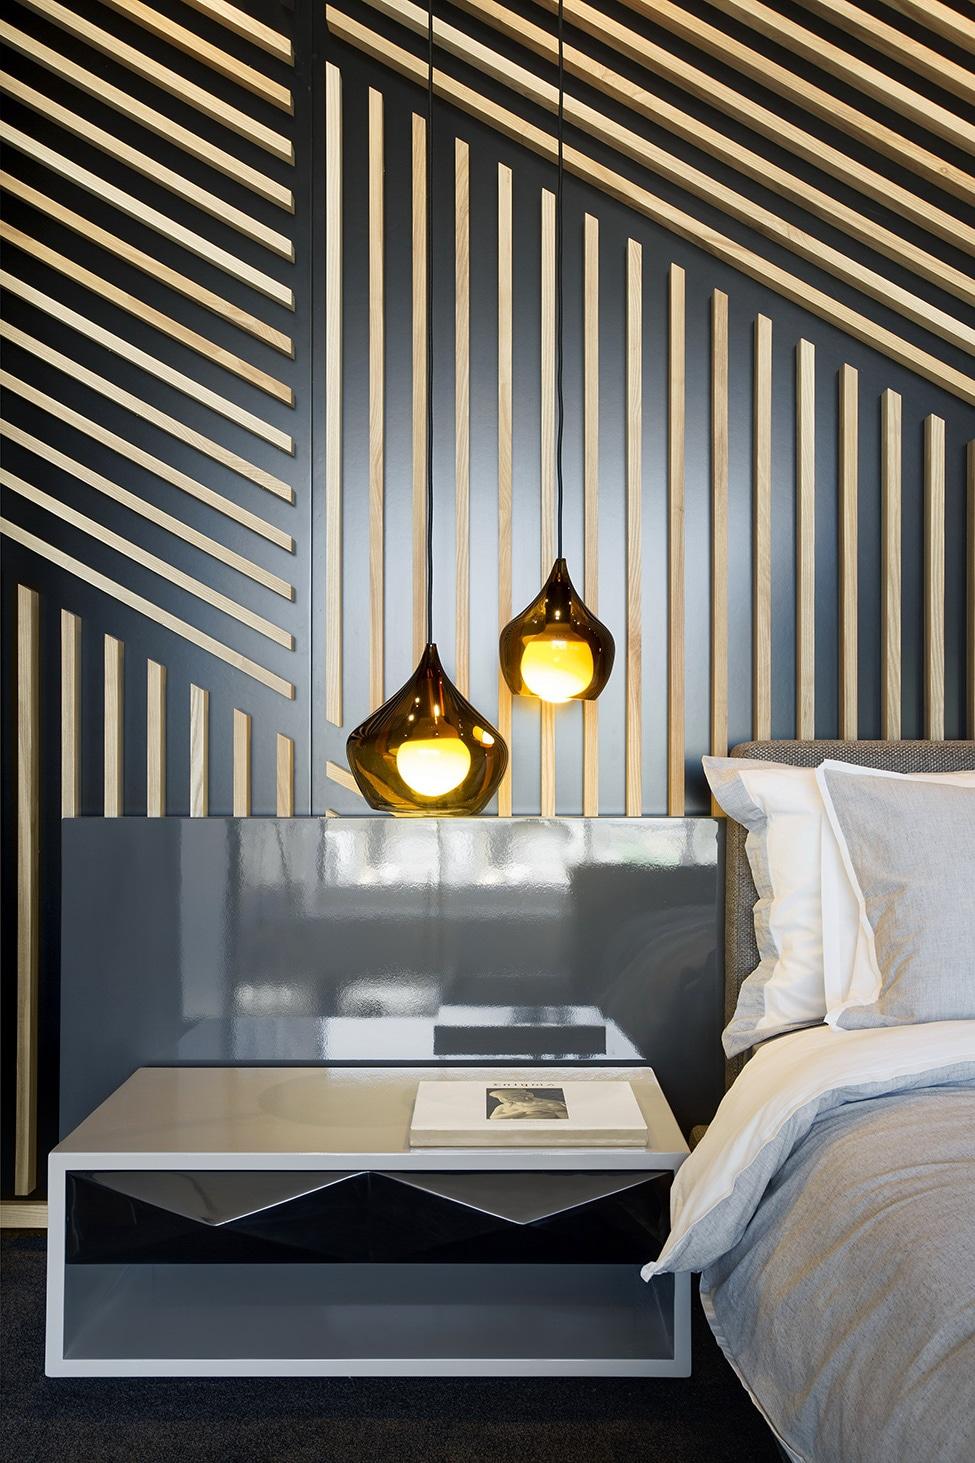 Dise o de minidepartamento moderno interiores elegante for Diseno de hogar